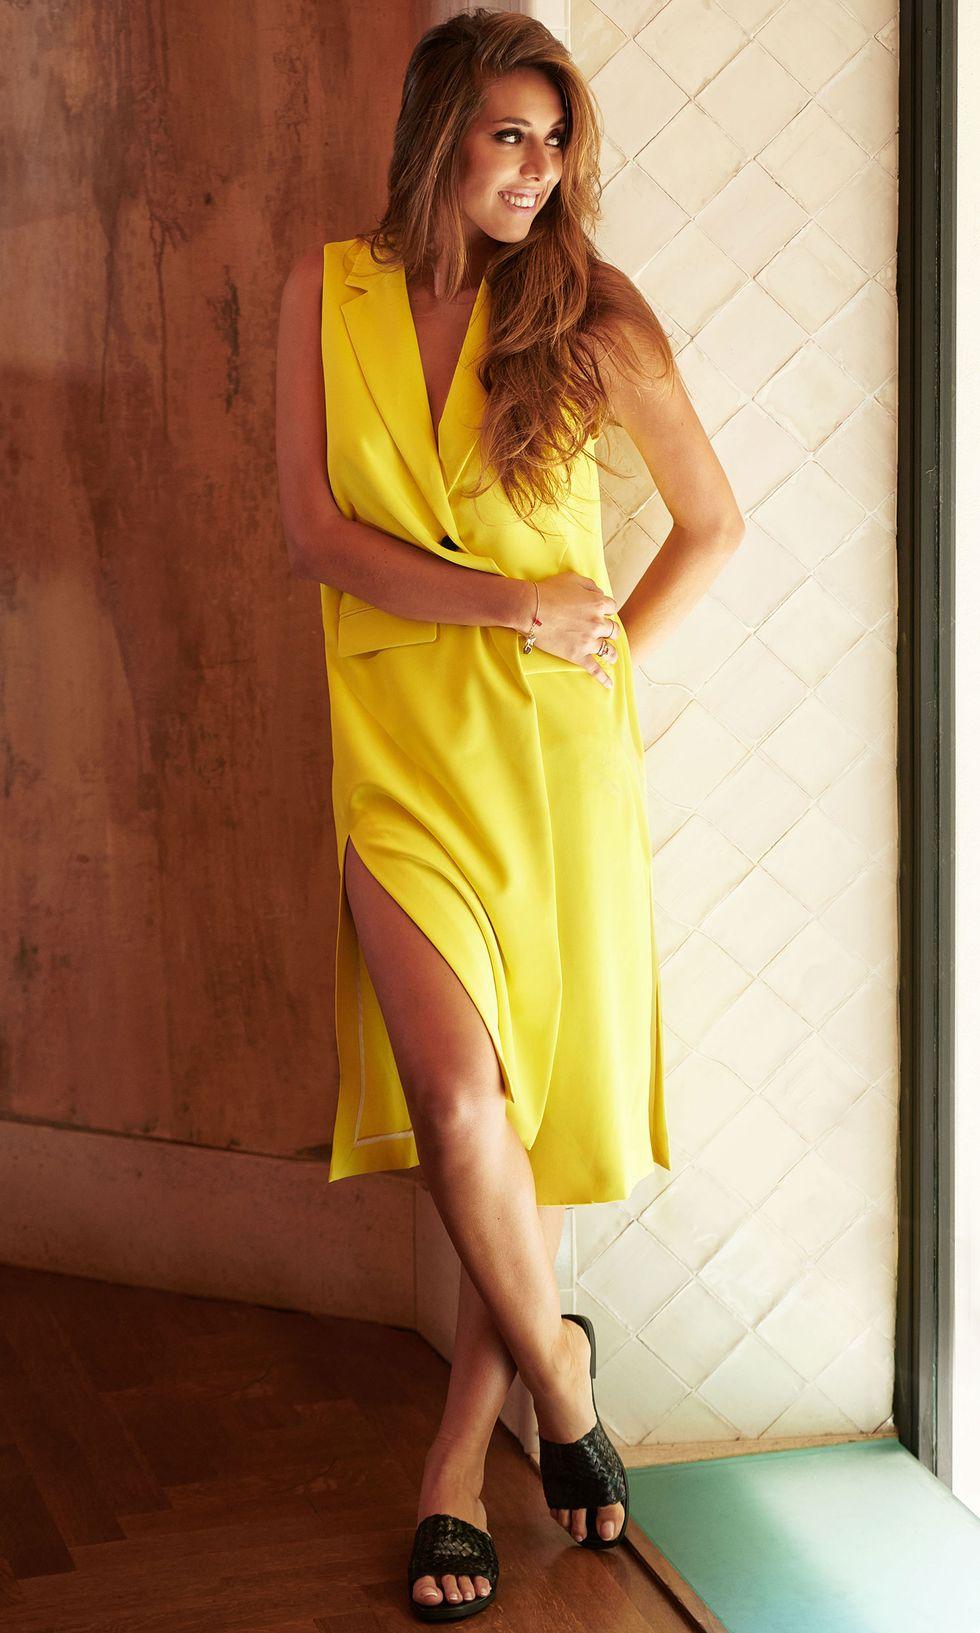 Marina Carmona, protagonista de nuestro 'Gente con estilo'